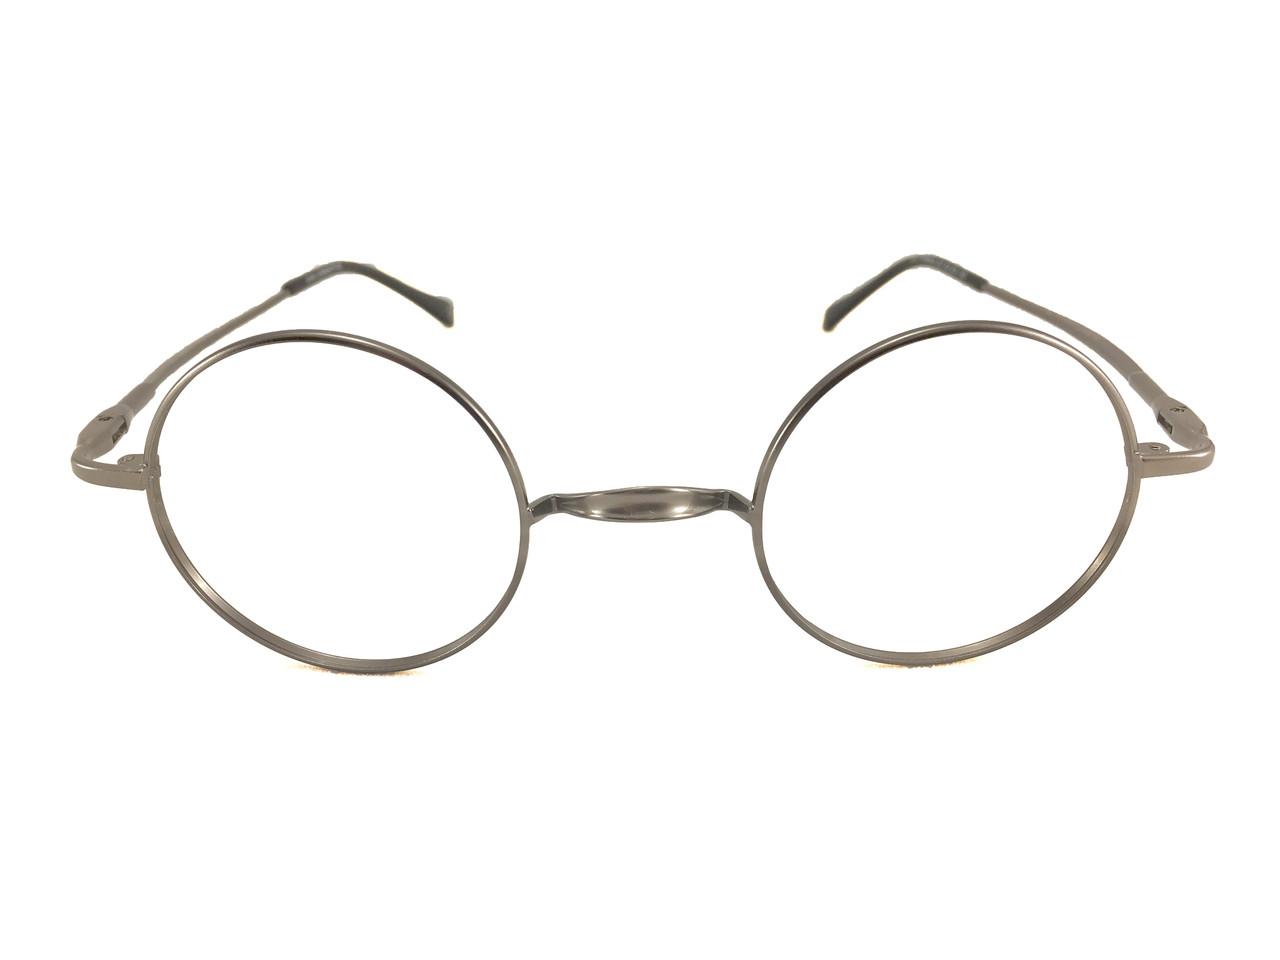 e25b6a94e6 John Lennon Wheels Eyeglass Frames - Gunmetal